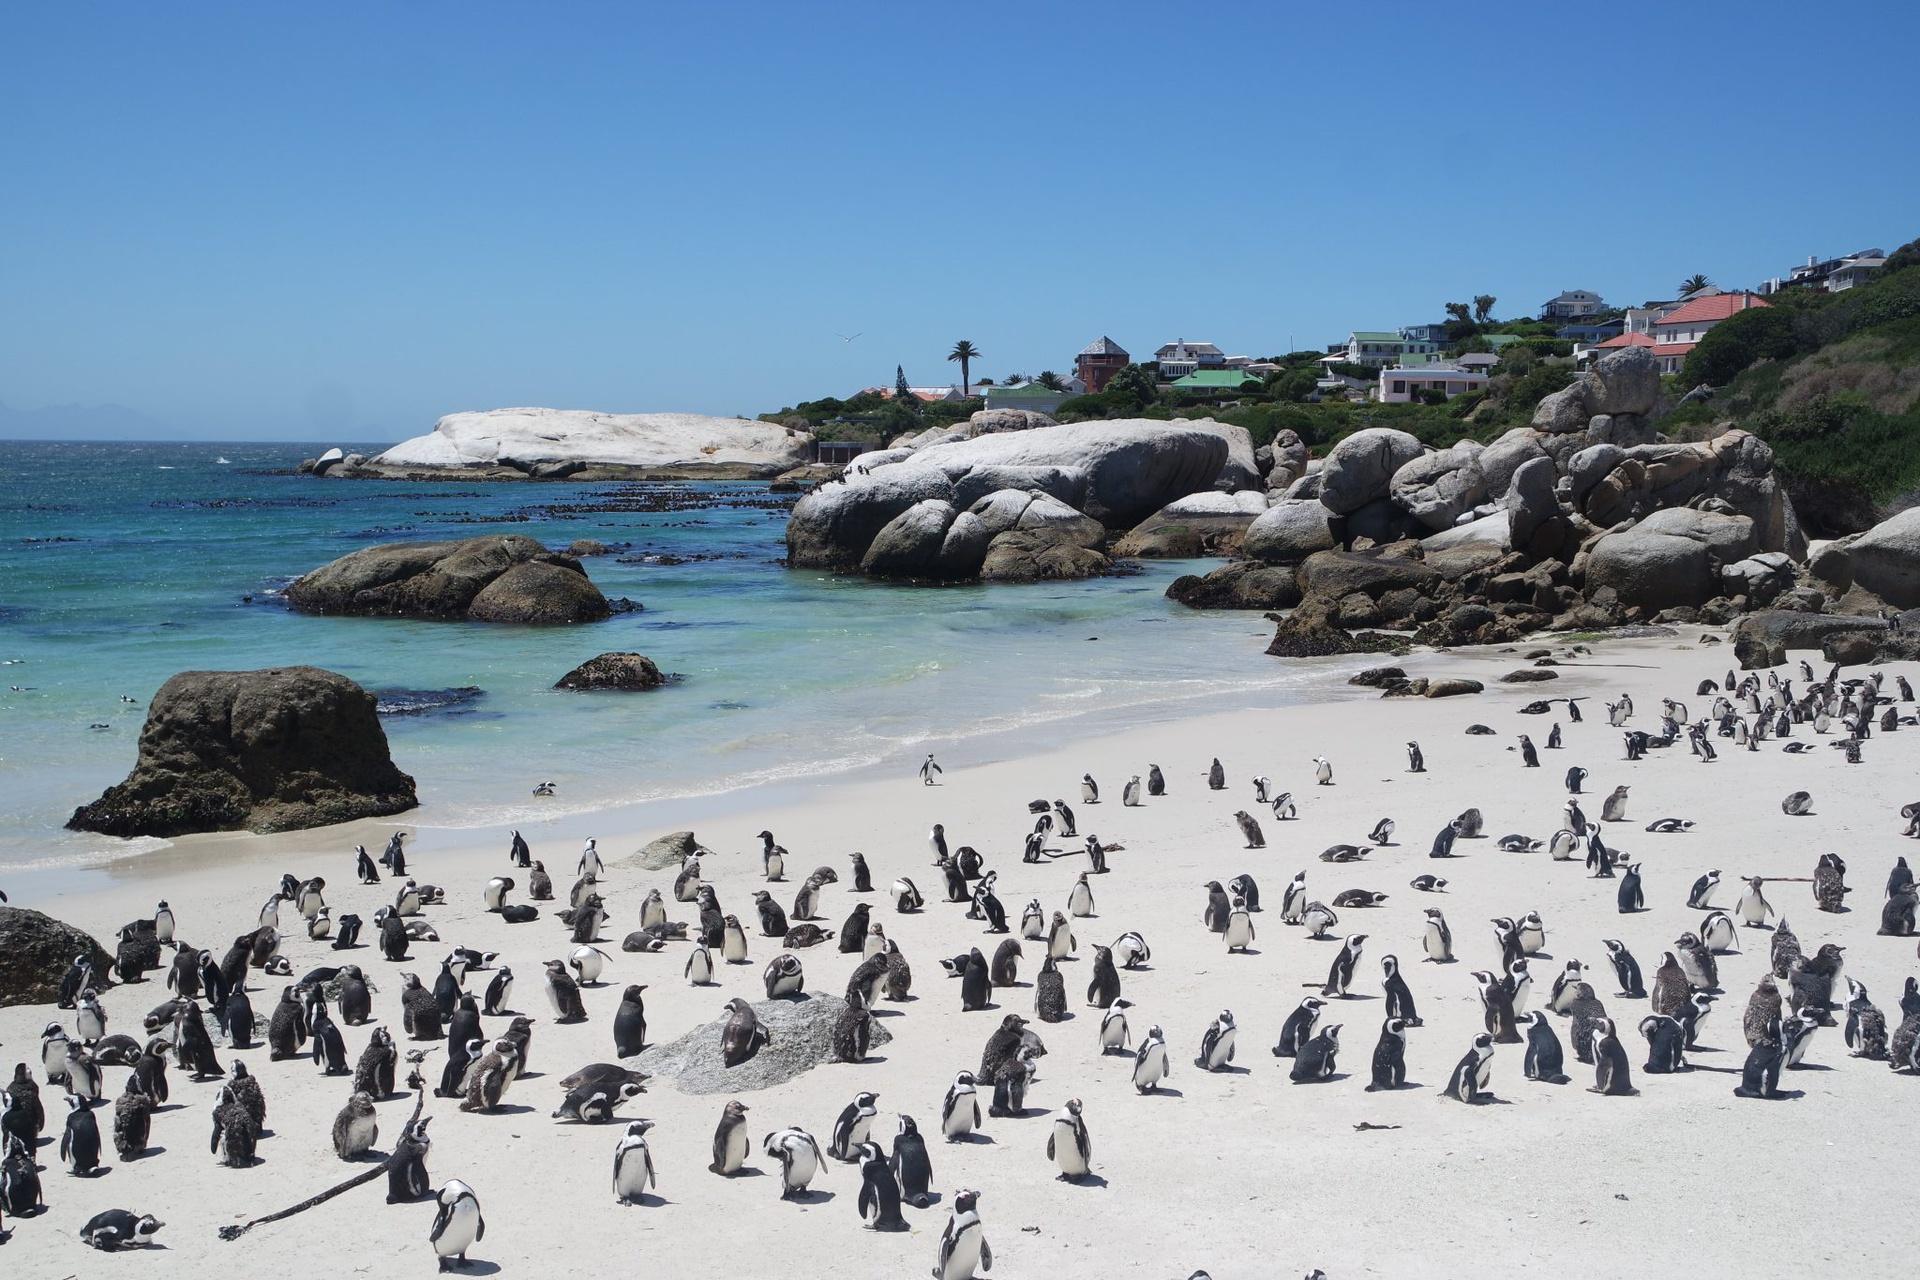 """Bãi biển chim cánh cụt (Nam Phi): Nằm cạnh thị trấn Simon, bãi biển Boulders có lẽ là nơi đông đúc nhất trong 7 địa danh được giới thiệu nhưng không phải du khách mà là chim cánh cụt. Hàng nghìn con chim cánh cụt châu Phi coi bãi biển này là """"nhà"""", nơi chúng sống từ những năm 1980. Để tiếp cận bãi biển, du khách phải trả khoản phí dùng cho dự án bảo vệ sinh thái. Bạn có thể thỏa thích ngắm và chụp ảnh cùng những sinh vật ngộ nghĩnh đang đi lang thang, nô đùa trên bãi biển. Ảnh: Lamyerda."""